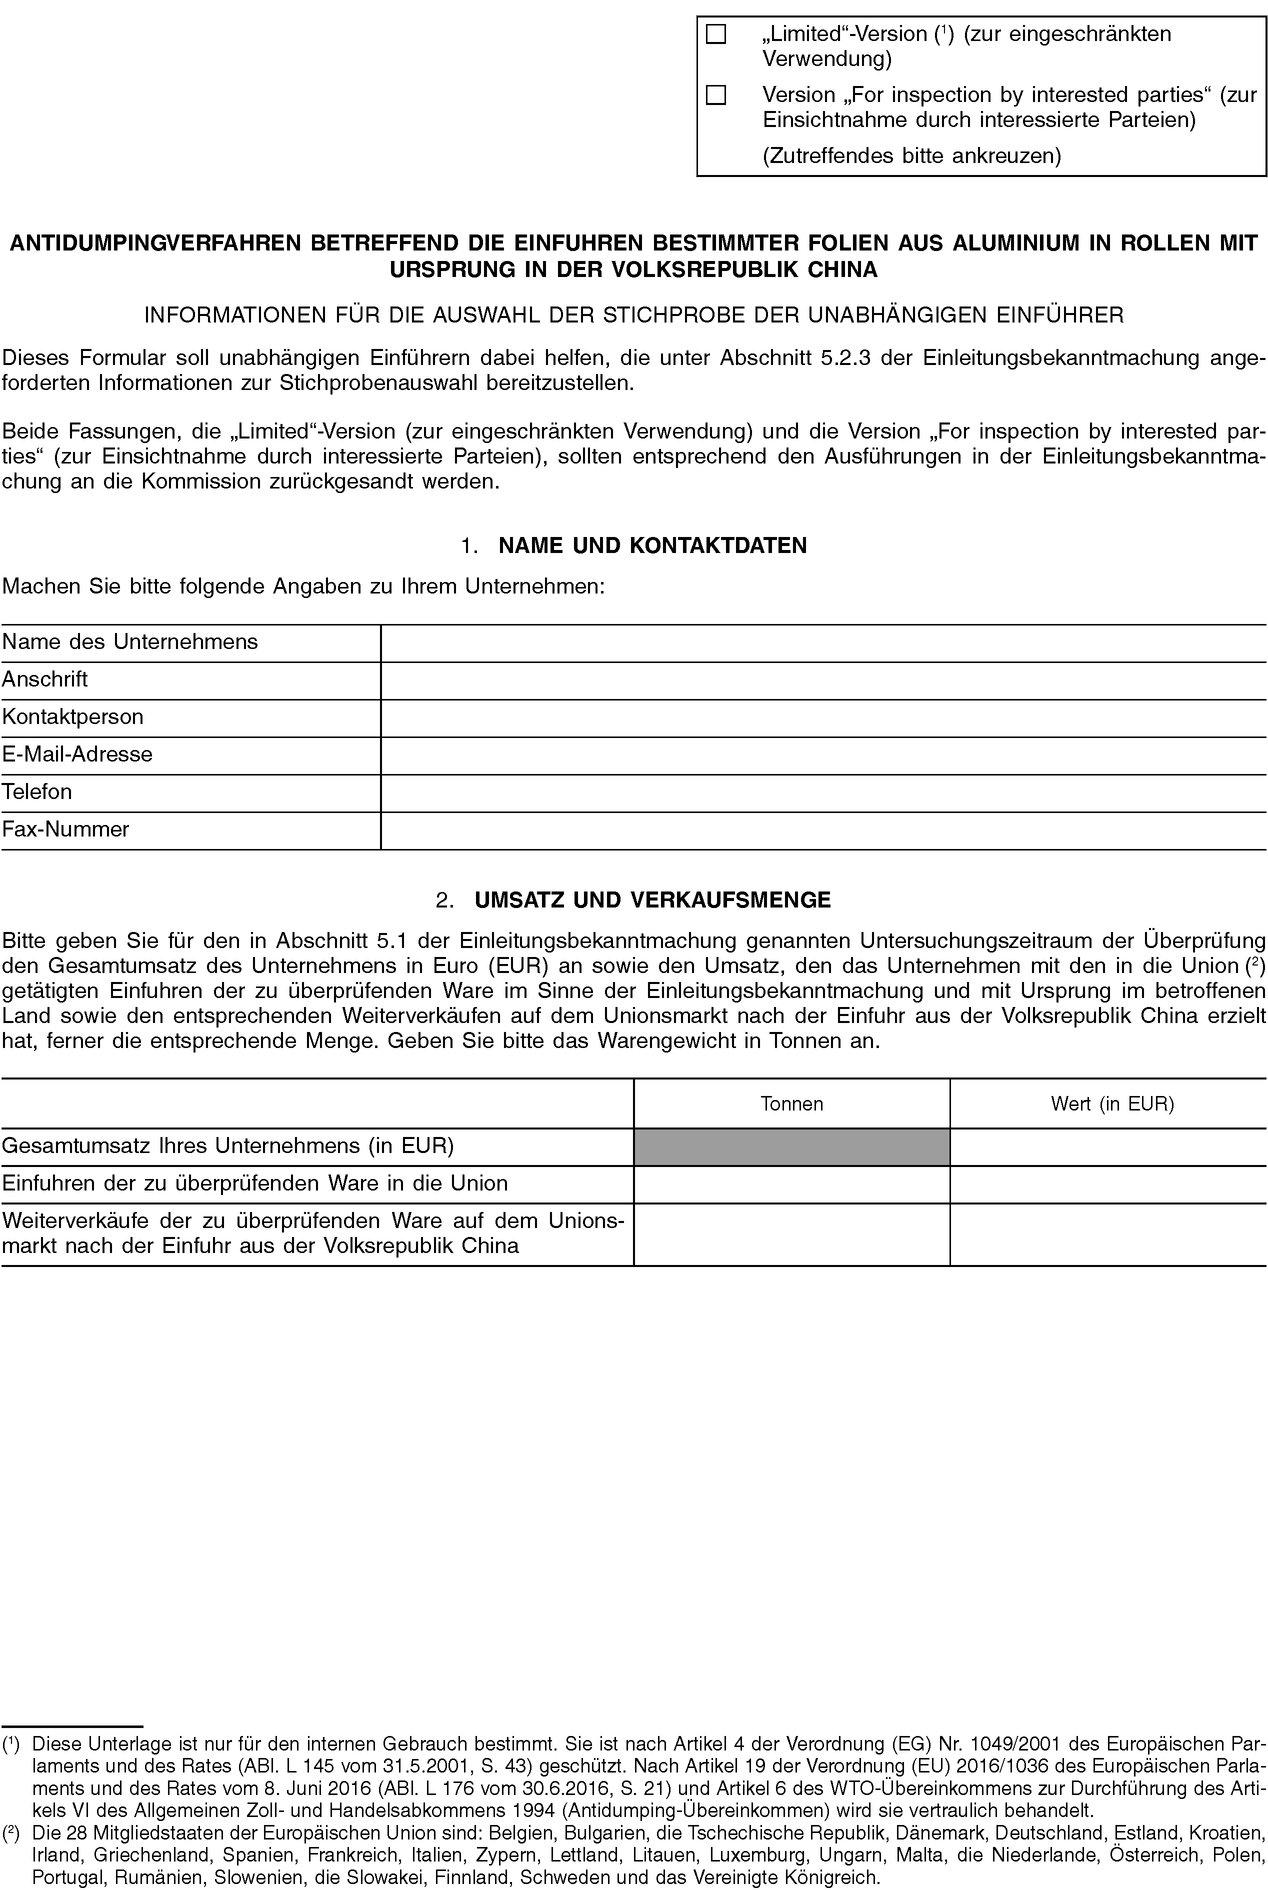 EUR-Lex - 52018XC0313(04) - EN - EUR-Lex